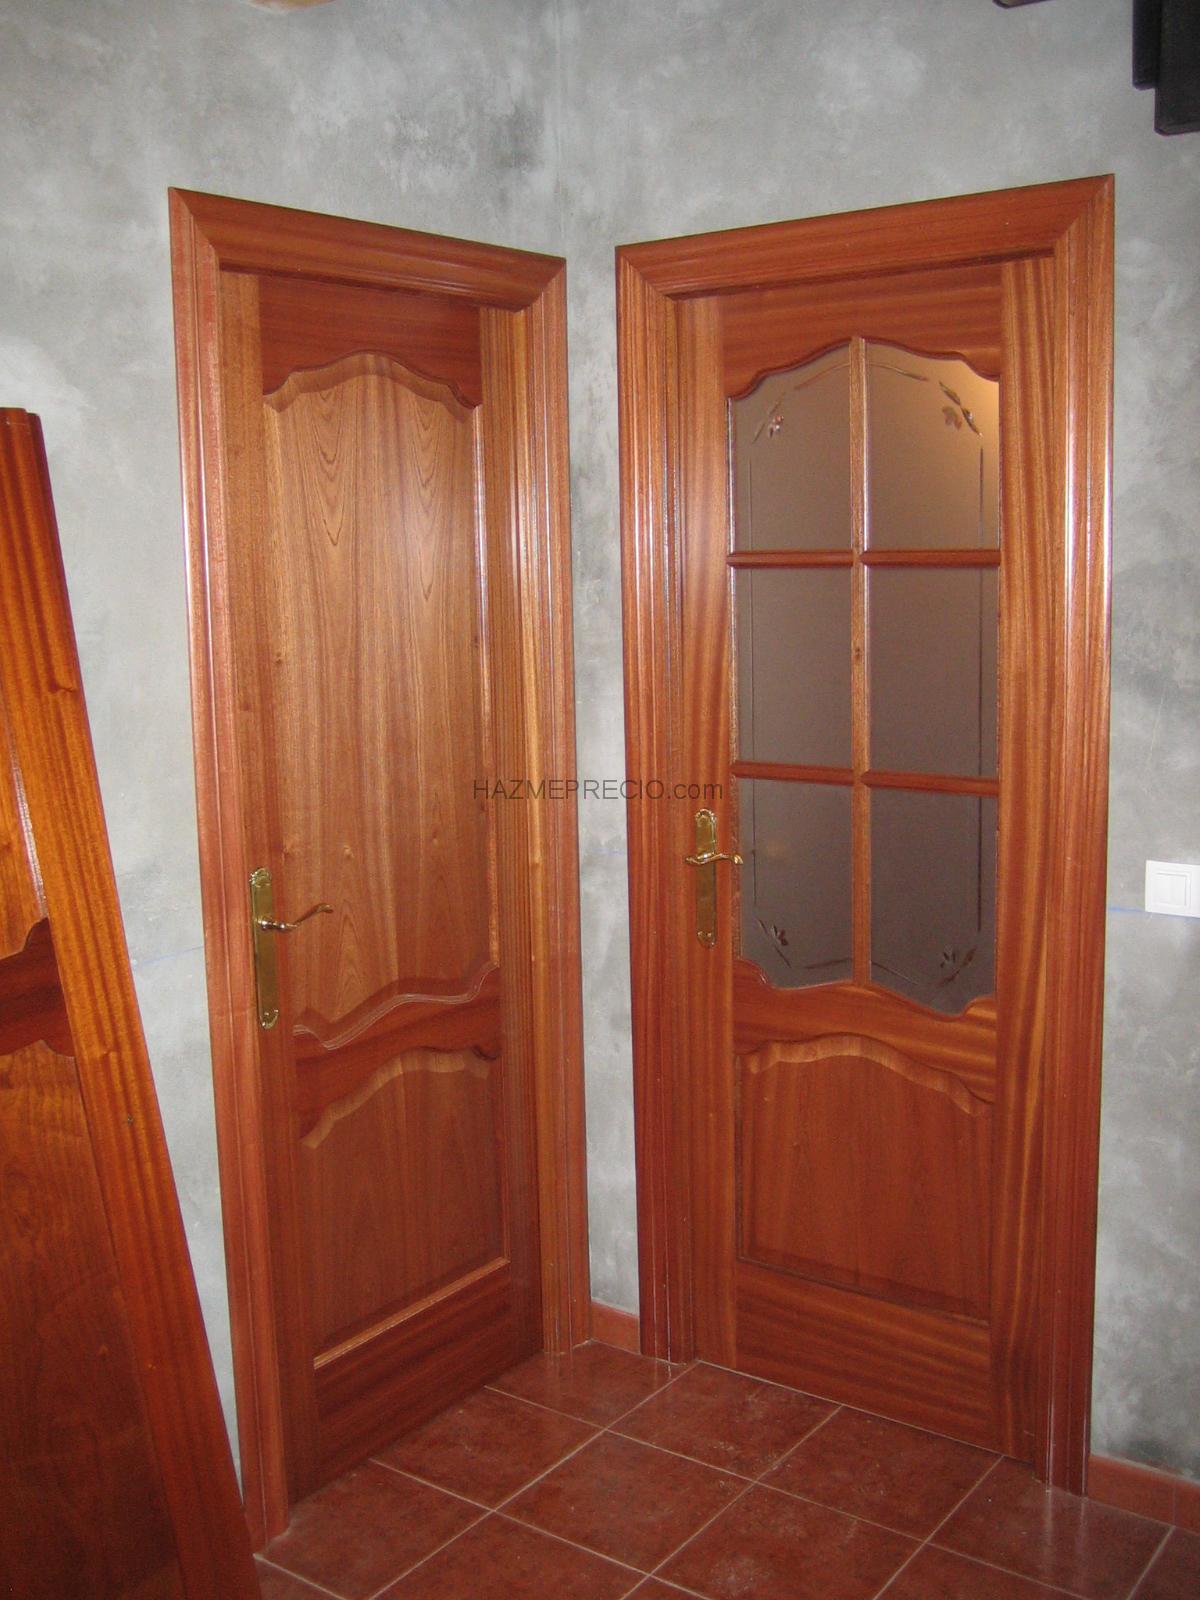 Presupuesto para colocaci n de puertas interiores de casa oviedo asturias - Puertas interior asturias ...